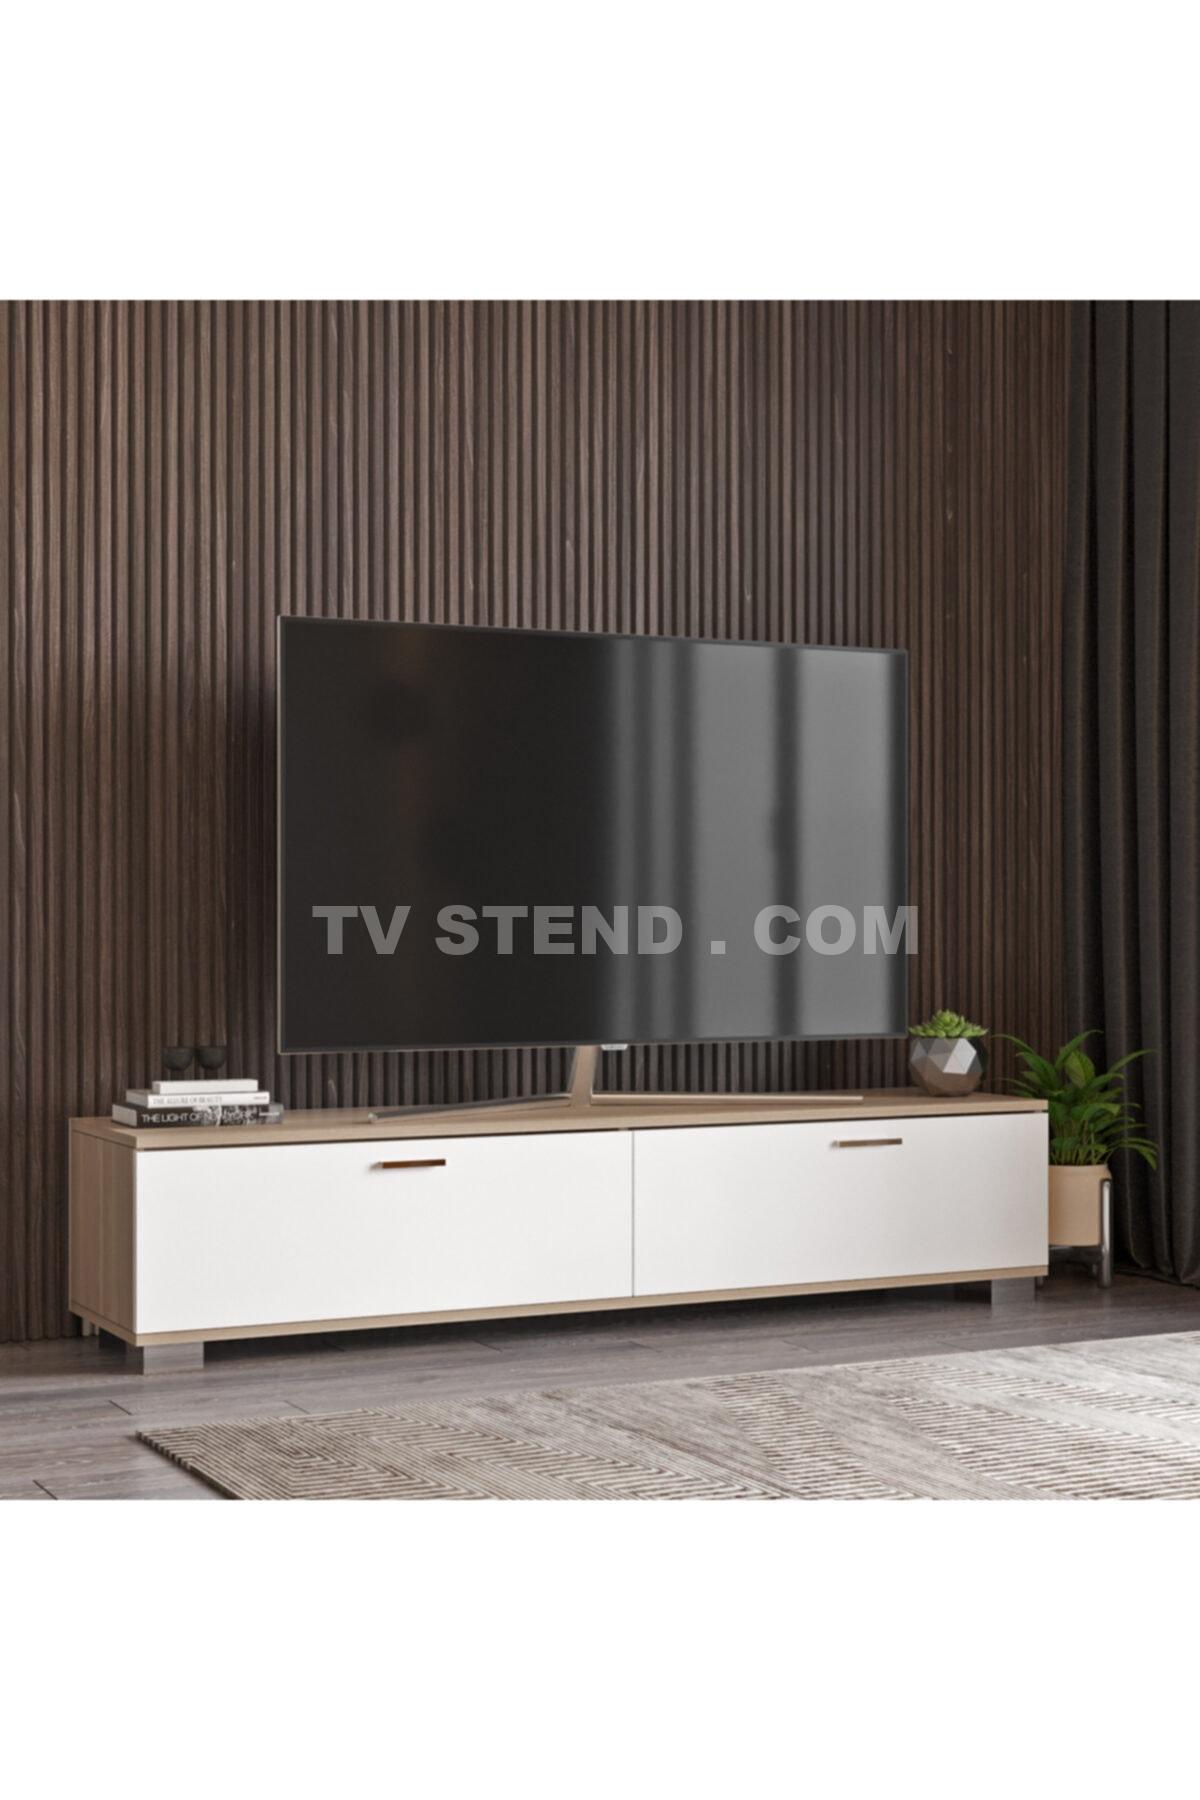 Yourdesign C2 tv stend